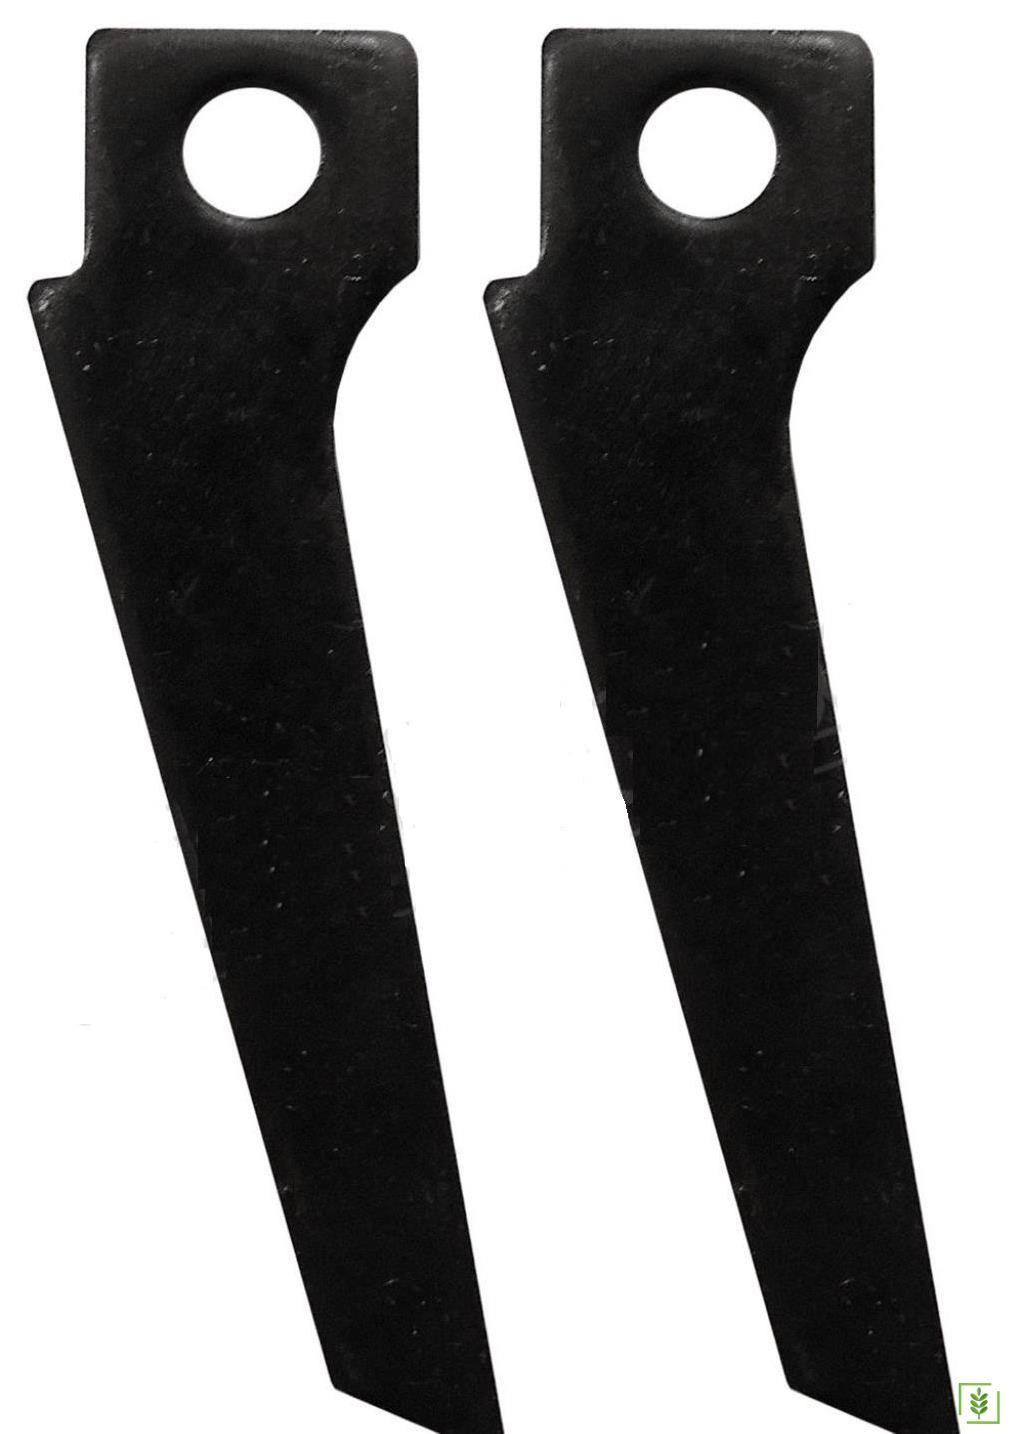 Motorlu Tırpan Çapa Yedek Bıçağı 2 Adet